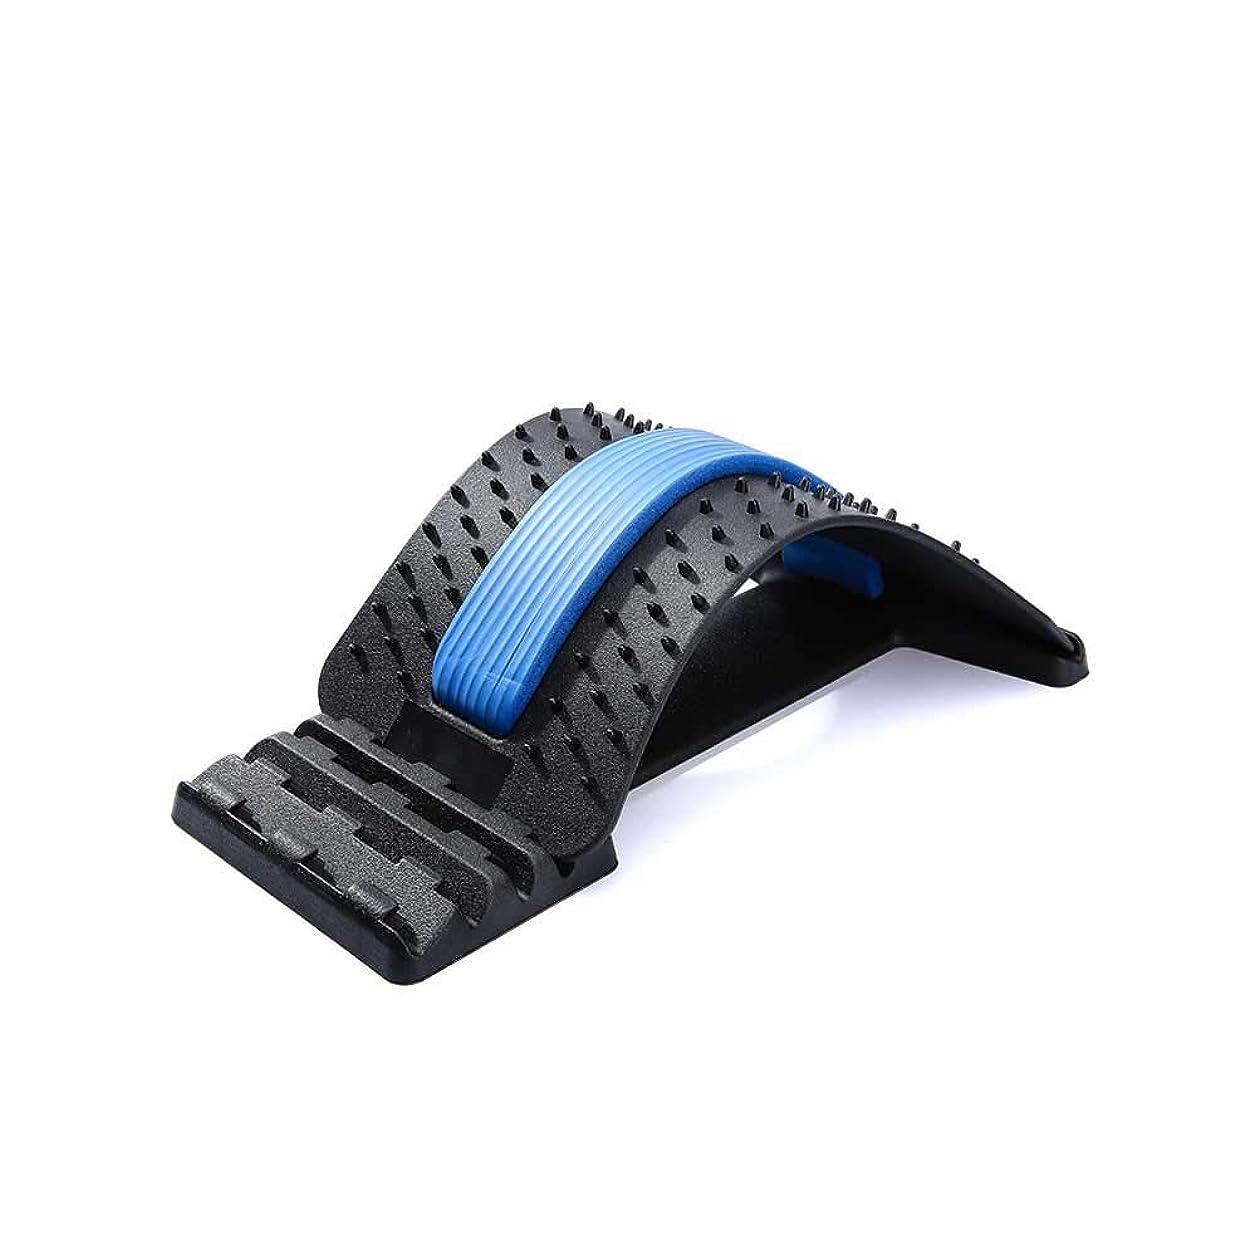 ぐるぐる干渉曲がったSUPVOXバックストレッチングデバイスバックマッサージャーランバーサポートストレッチャー脊椎の背中の痛み筋肉痛の緩和用オフィスチェア(ブラックブルー)